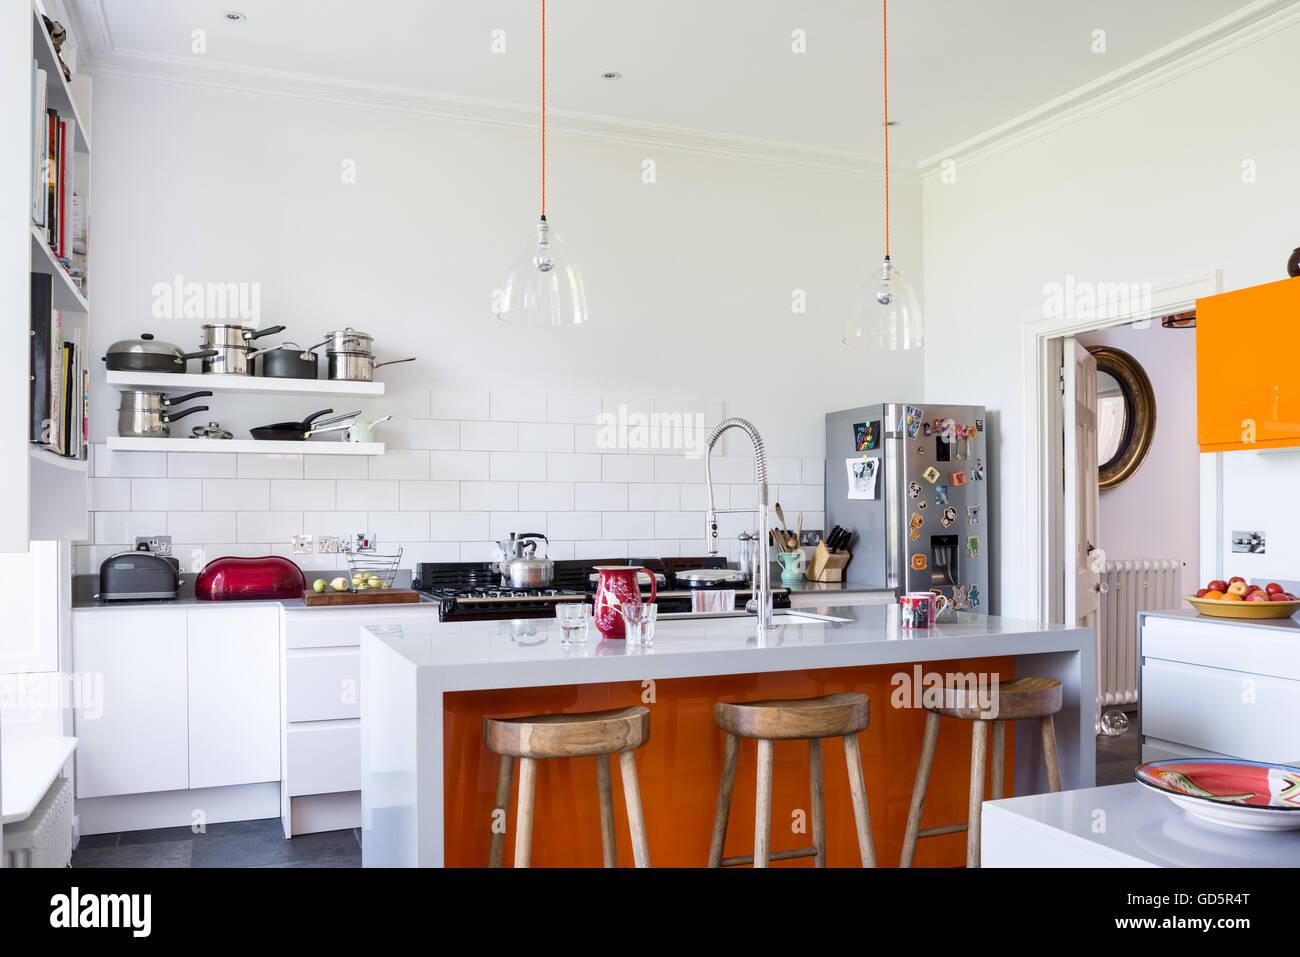 Bancos de bar de madeira em alta cozinha tectos altos com azulejos de metro branco. As luzes de teto de vidro transparente Imagens de Stock